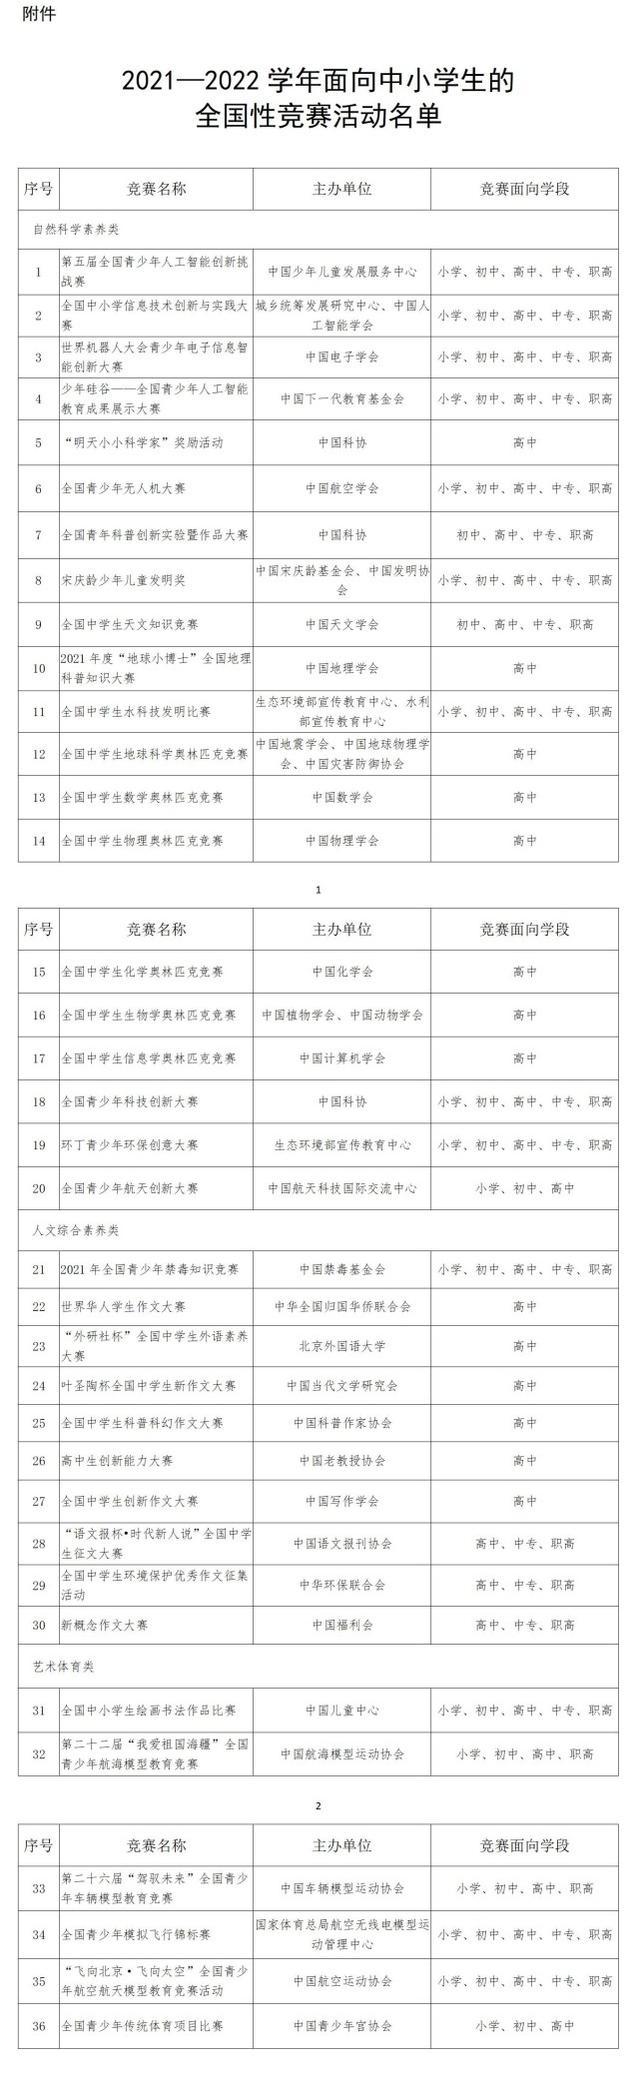 中小学全国性竞赛名单.jpeg